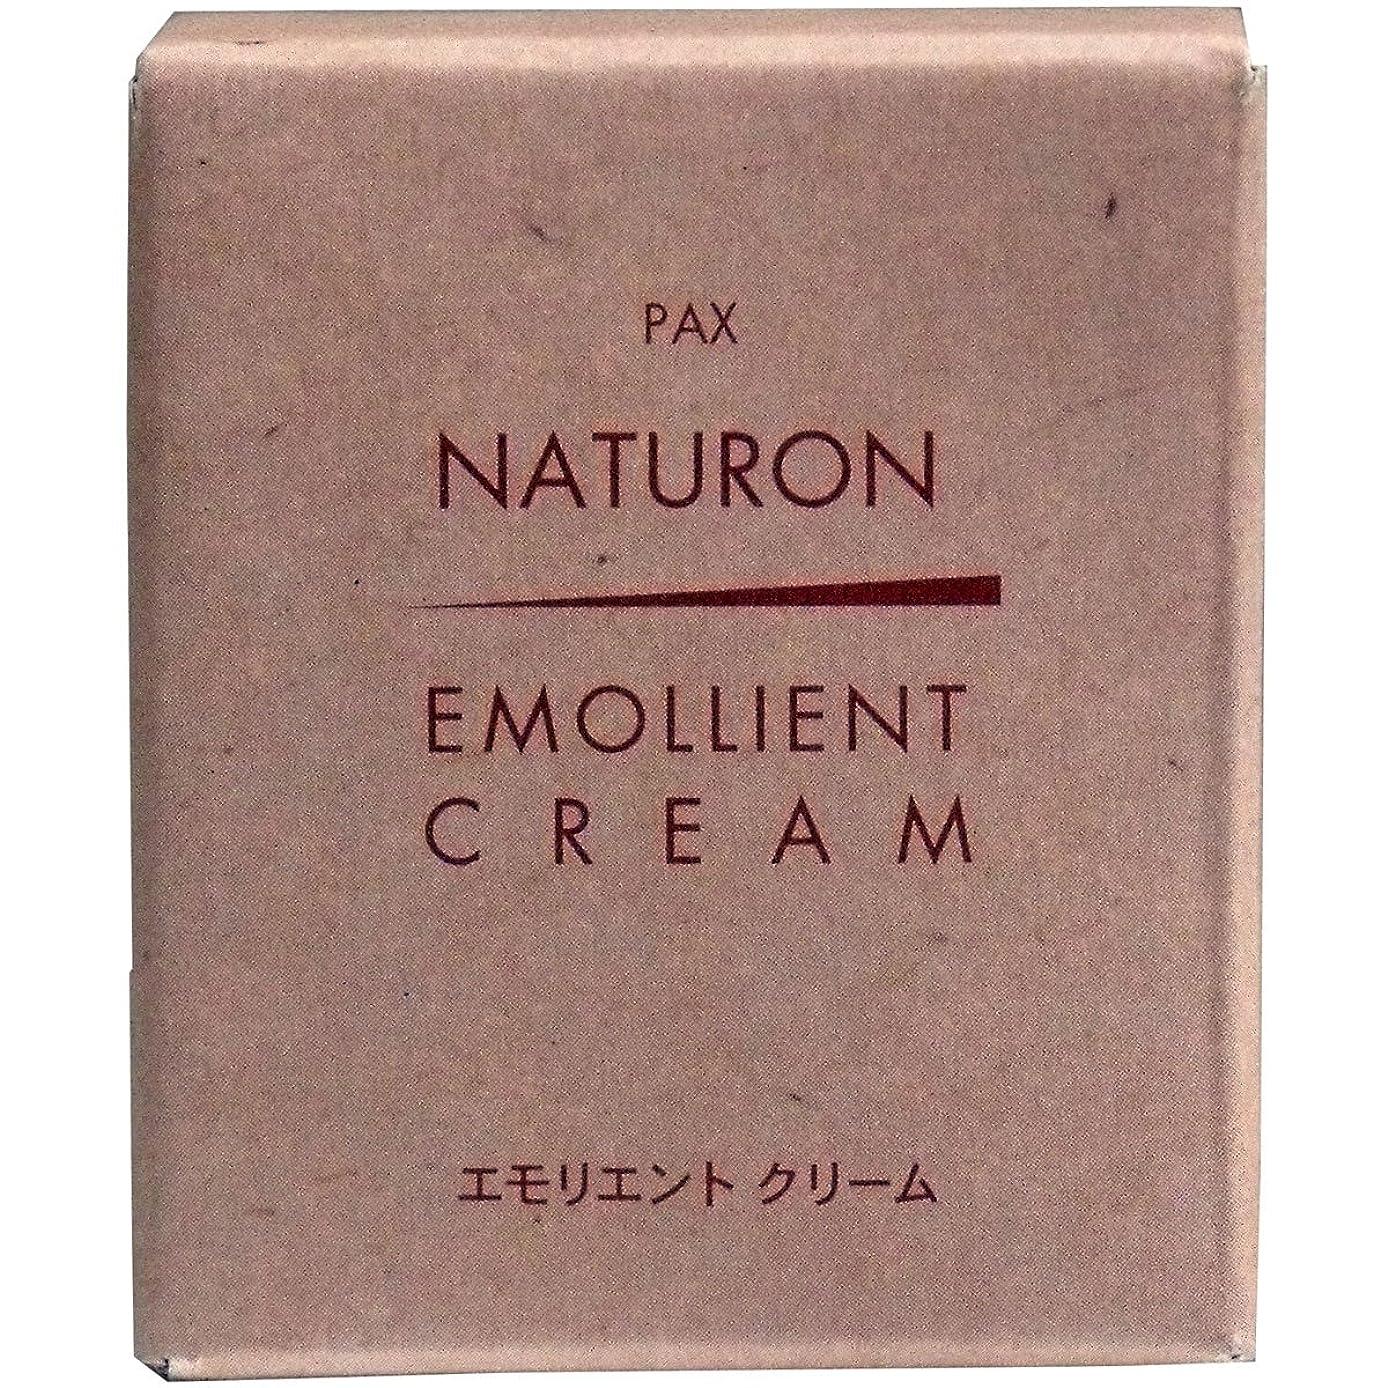 排除する理由広範囲に油分を補い、乾燥などから肌を守る!パックスナチュロン エモリエントクリーム 35g【4個セット】